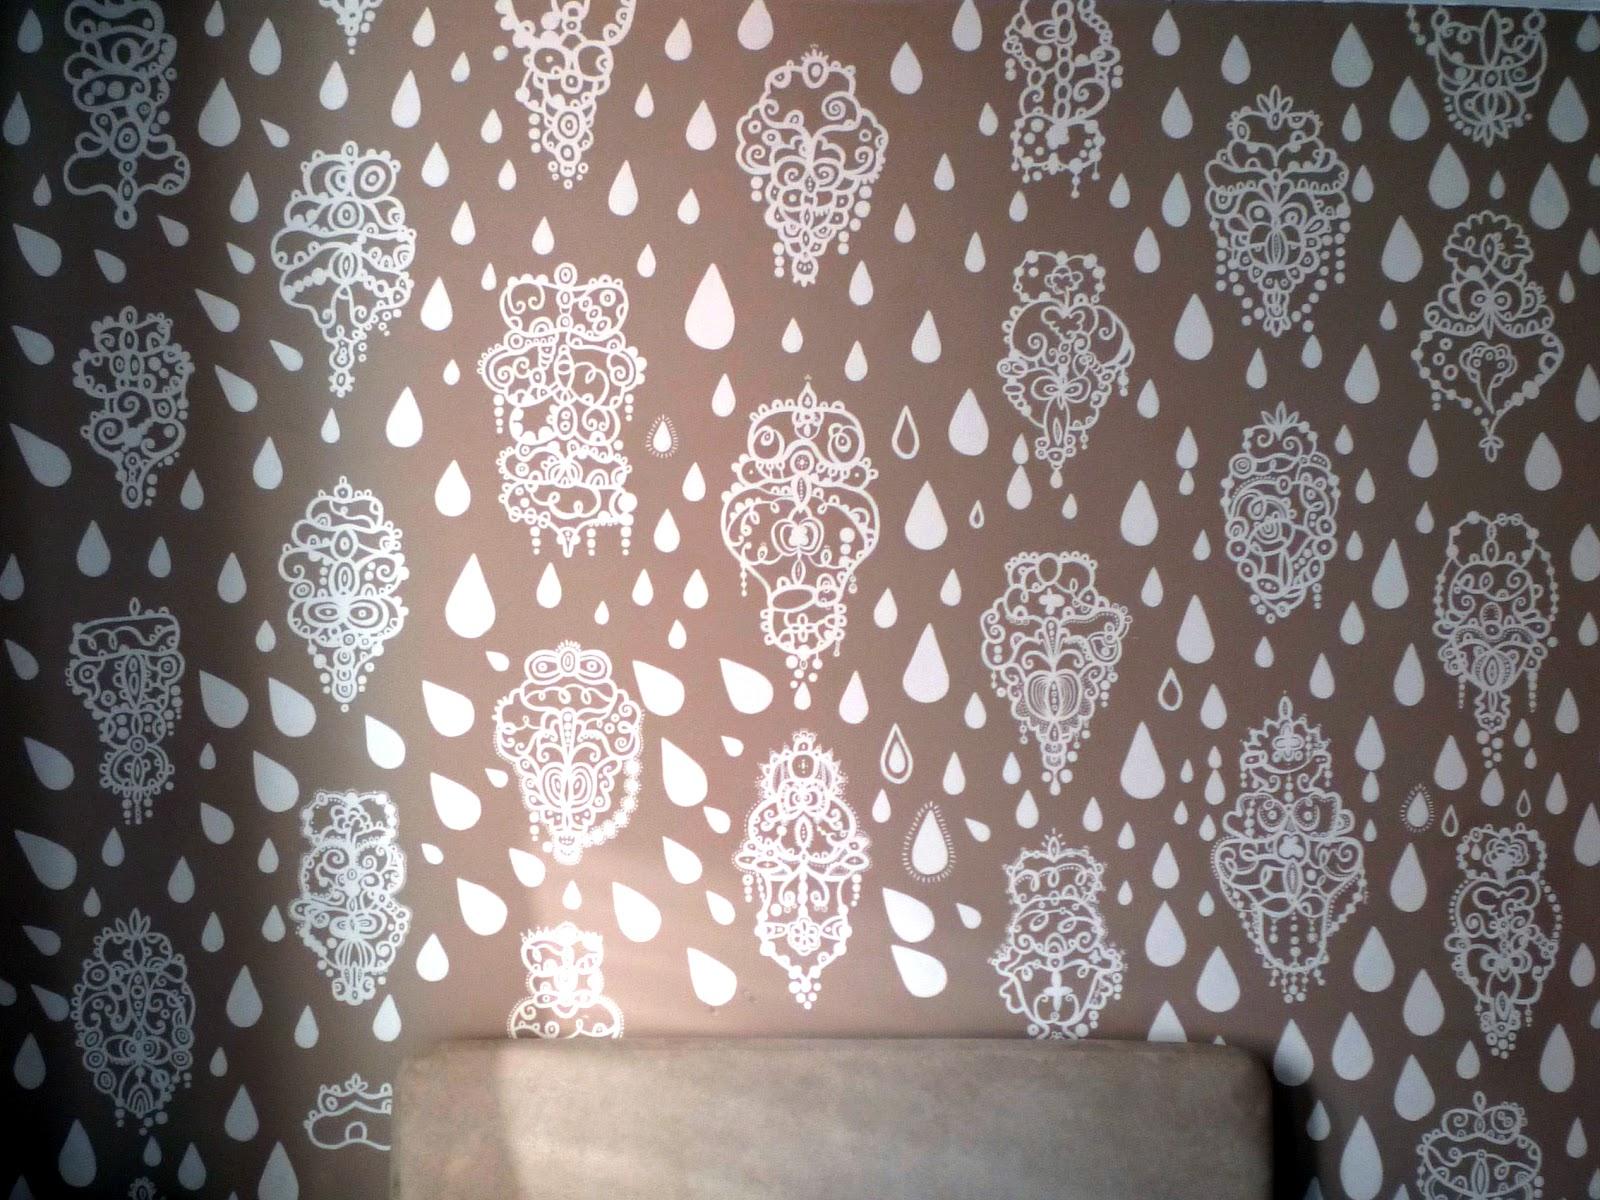 David Dangerous Hand Painted Wallpaper   Mural 1600x1200